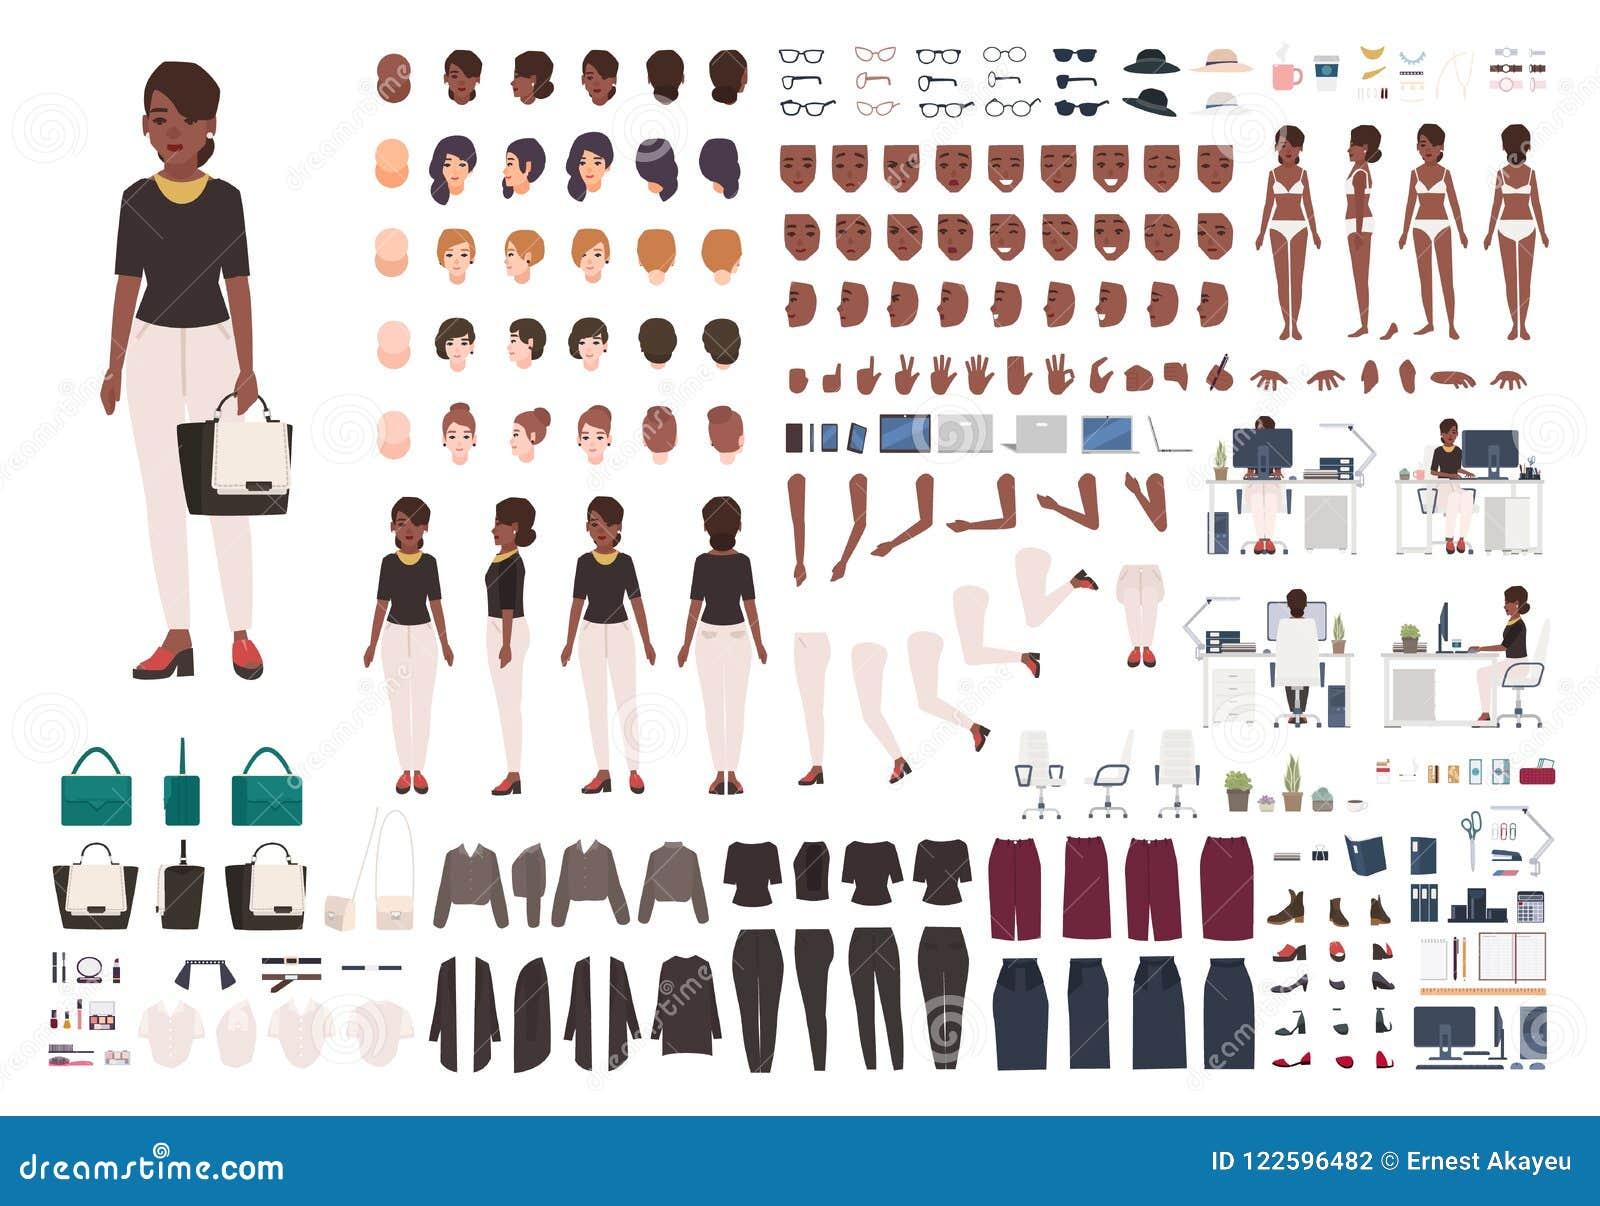 Afroamerikanerfrauensekretär, Manager oder Büroassistent DIY oder Animationsausrüstung Satz Körperteile der weiblichen Figur